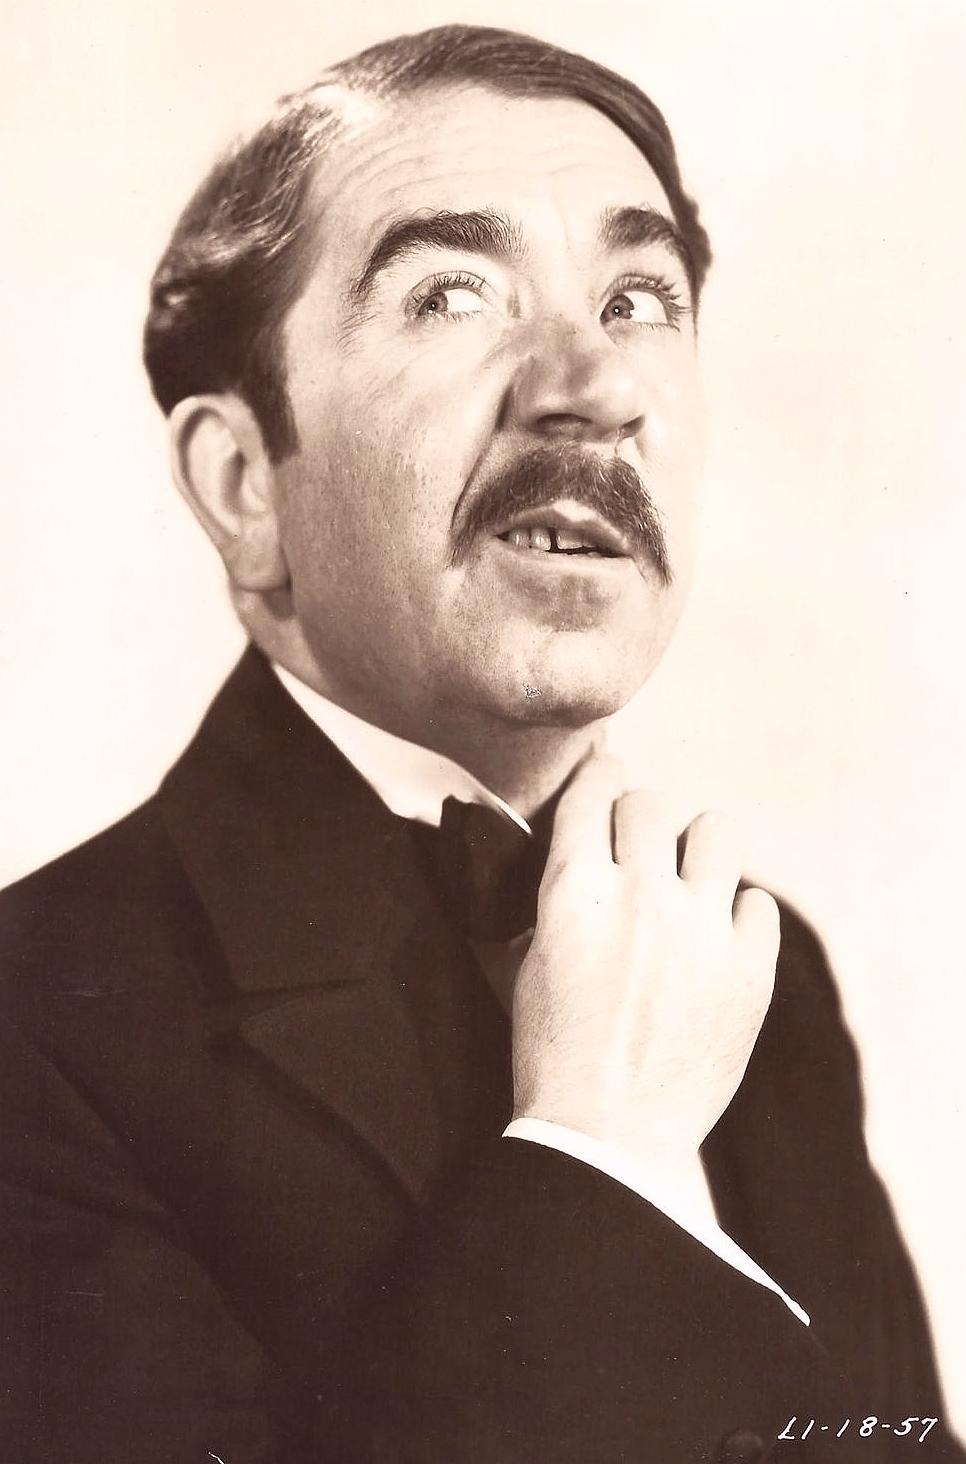 Percy Herbert Actor